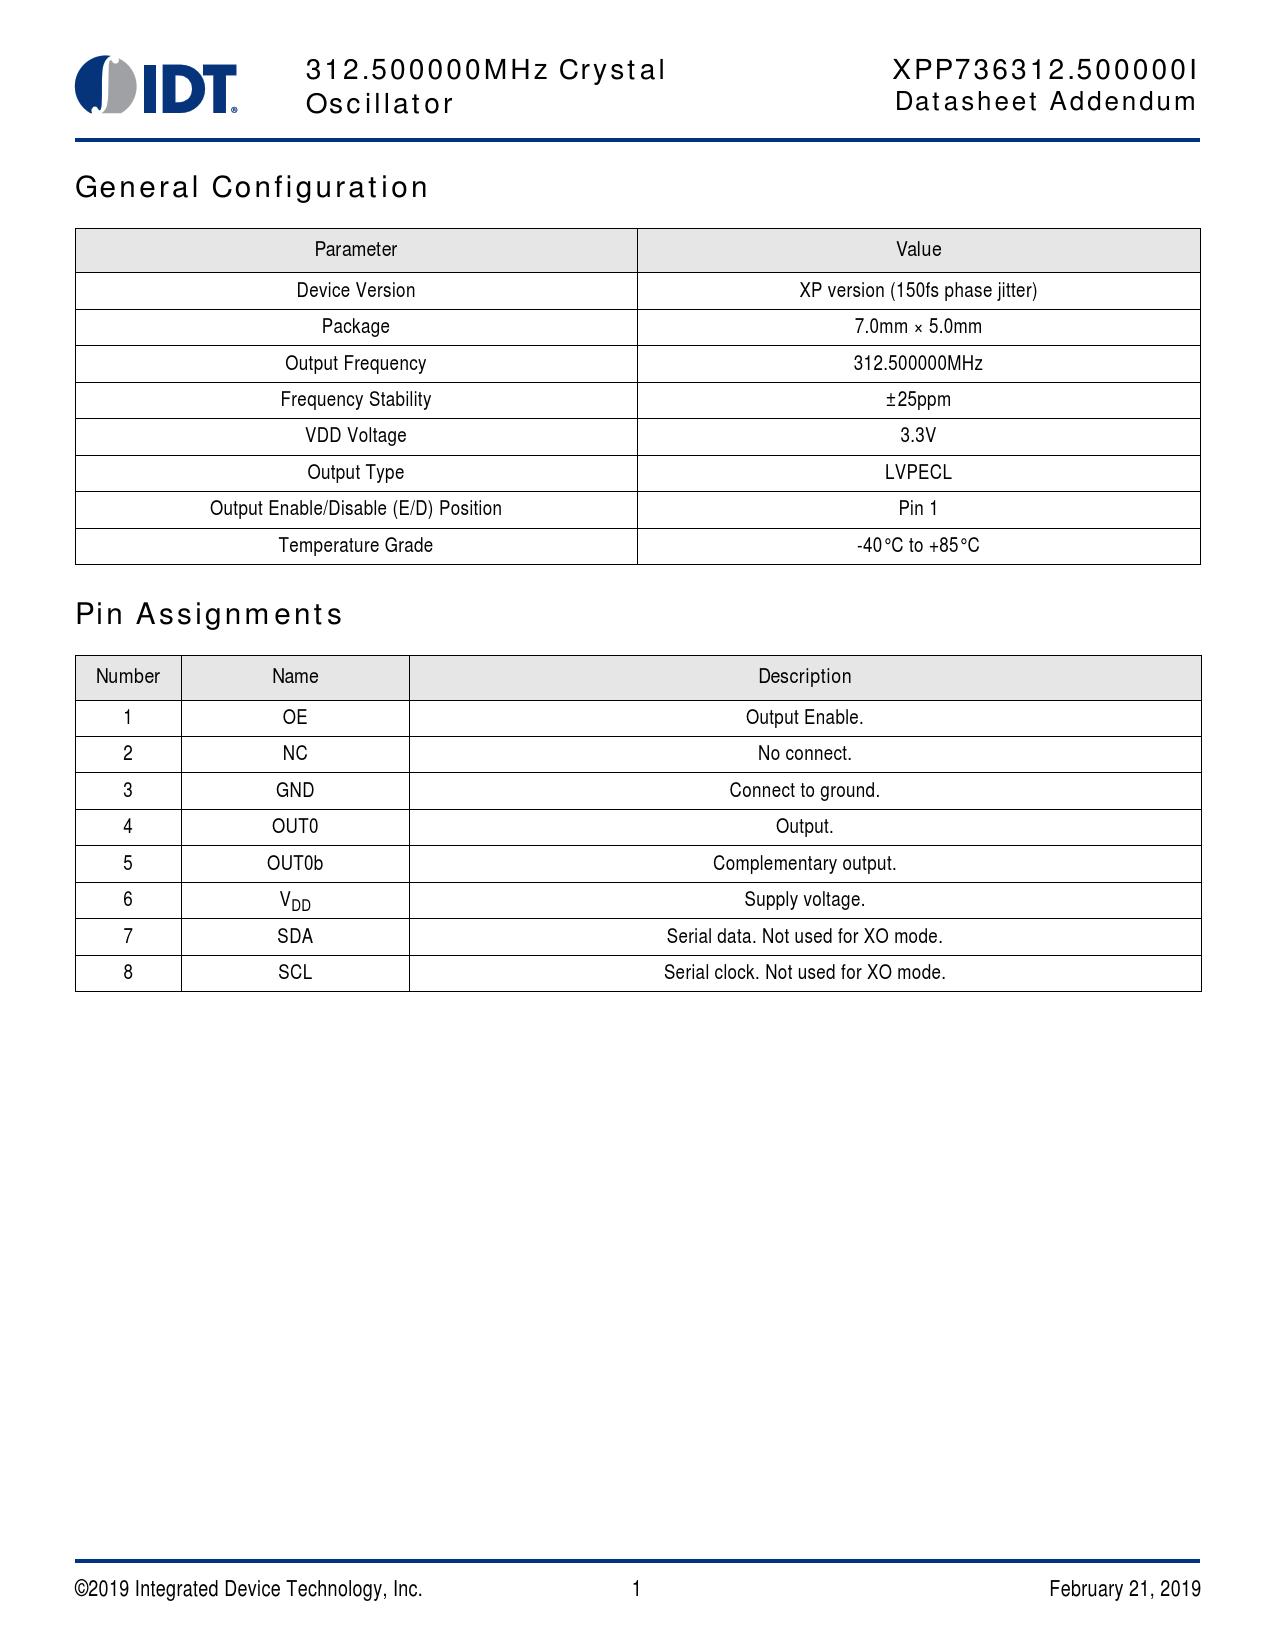 Datasheet Addendum XPP736312.500000I IDT, Revision: 20190221